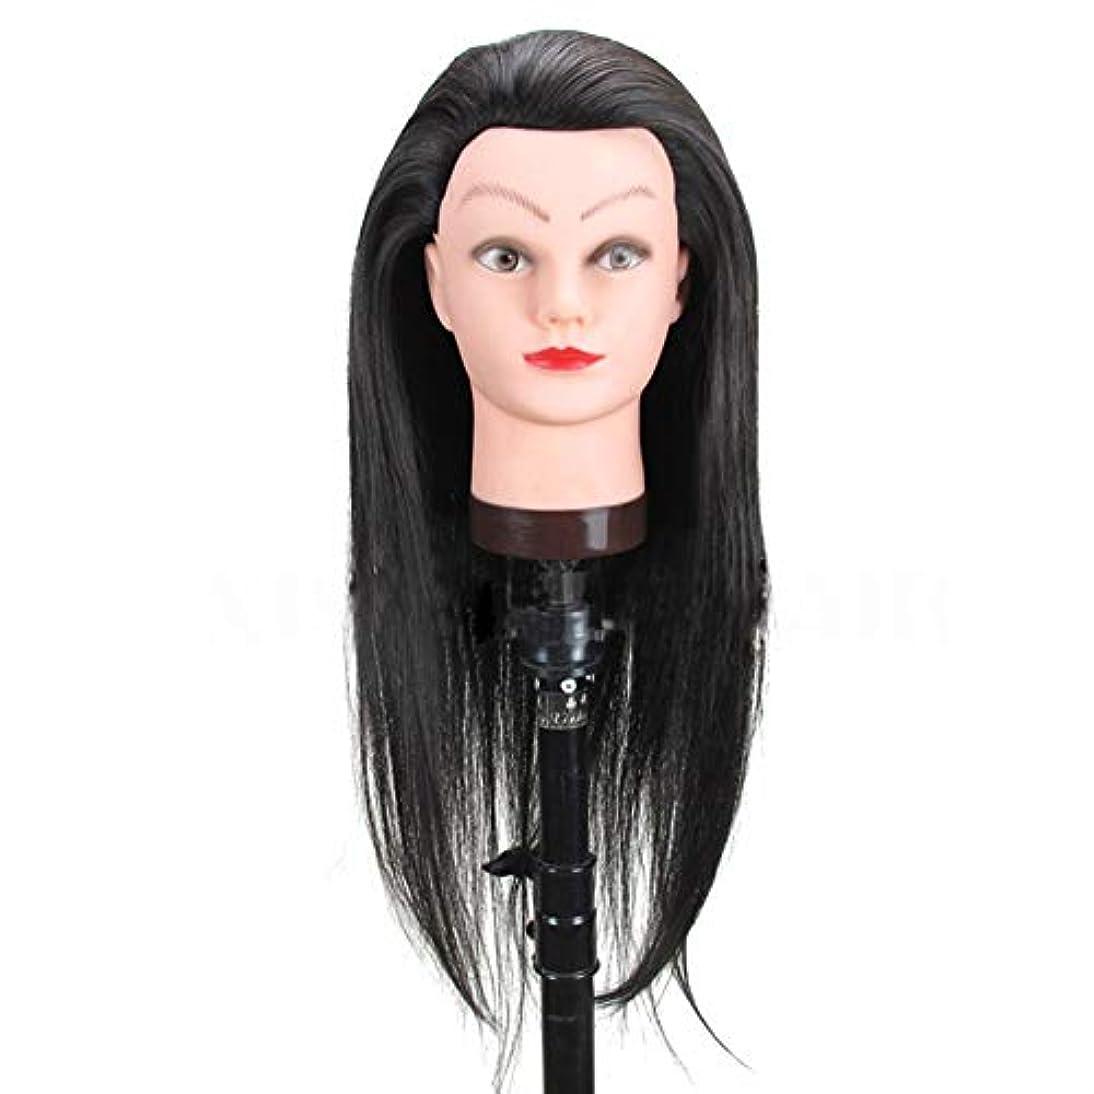 ソケット光の規則性Hairdressing Practice Head Model Braided Hair Training Head Head Barbershop Haircut Learning Dummy Mannequin Head.